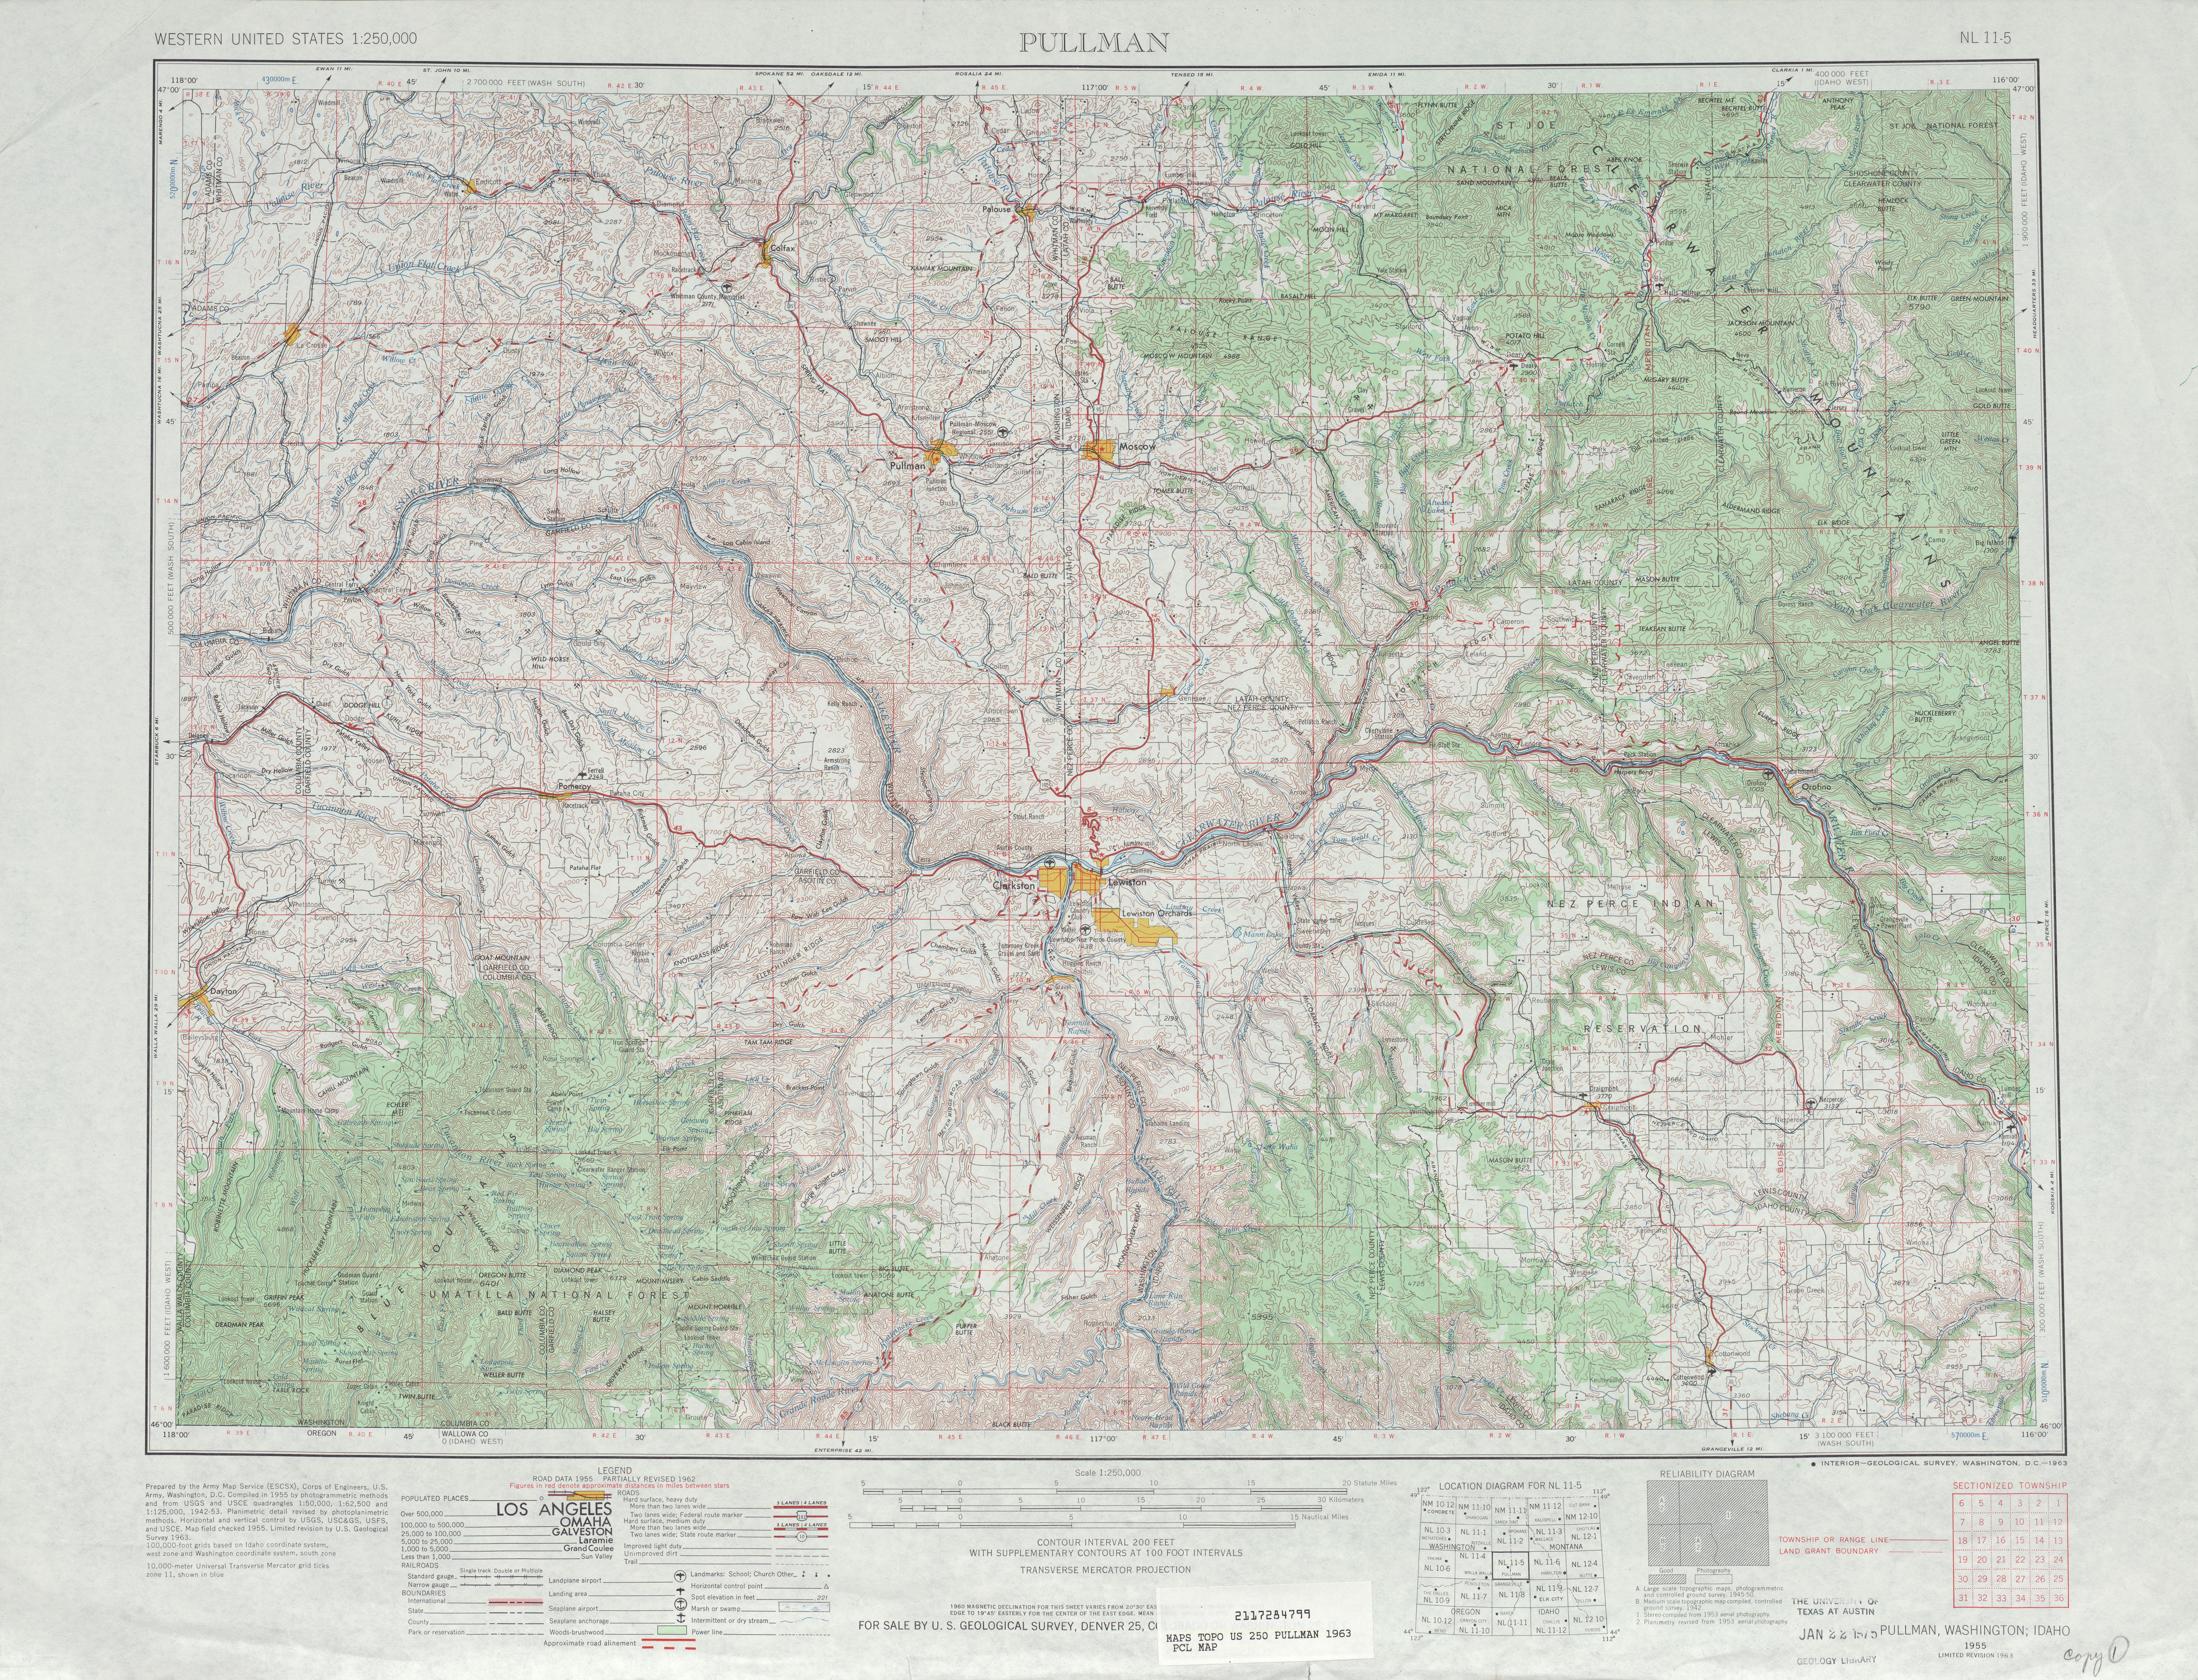 Hoja Pullman del Mapa Topográfico de los Estados Unidos 1963